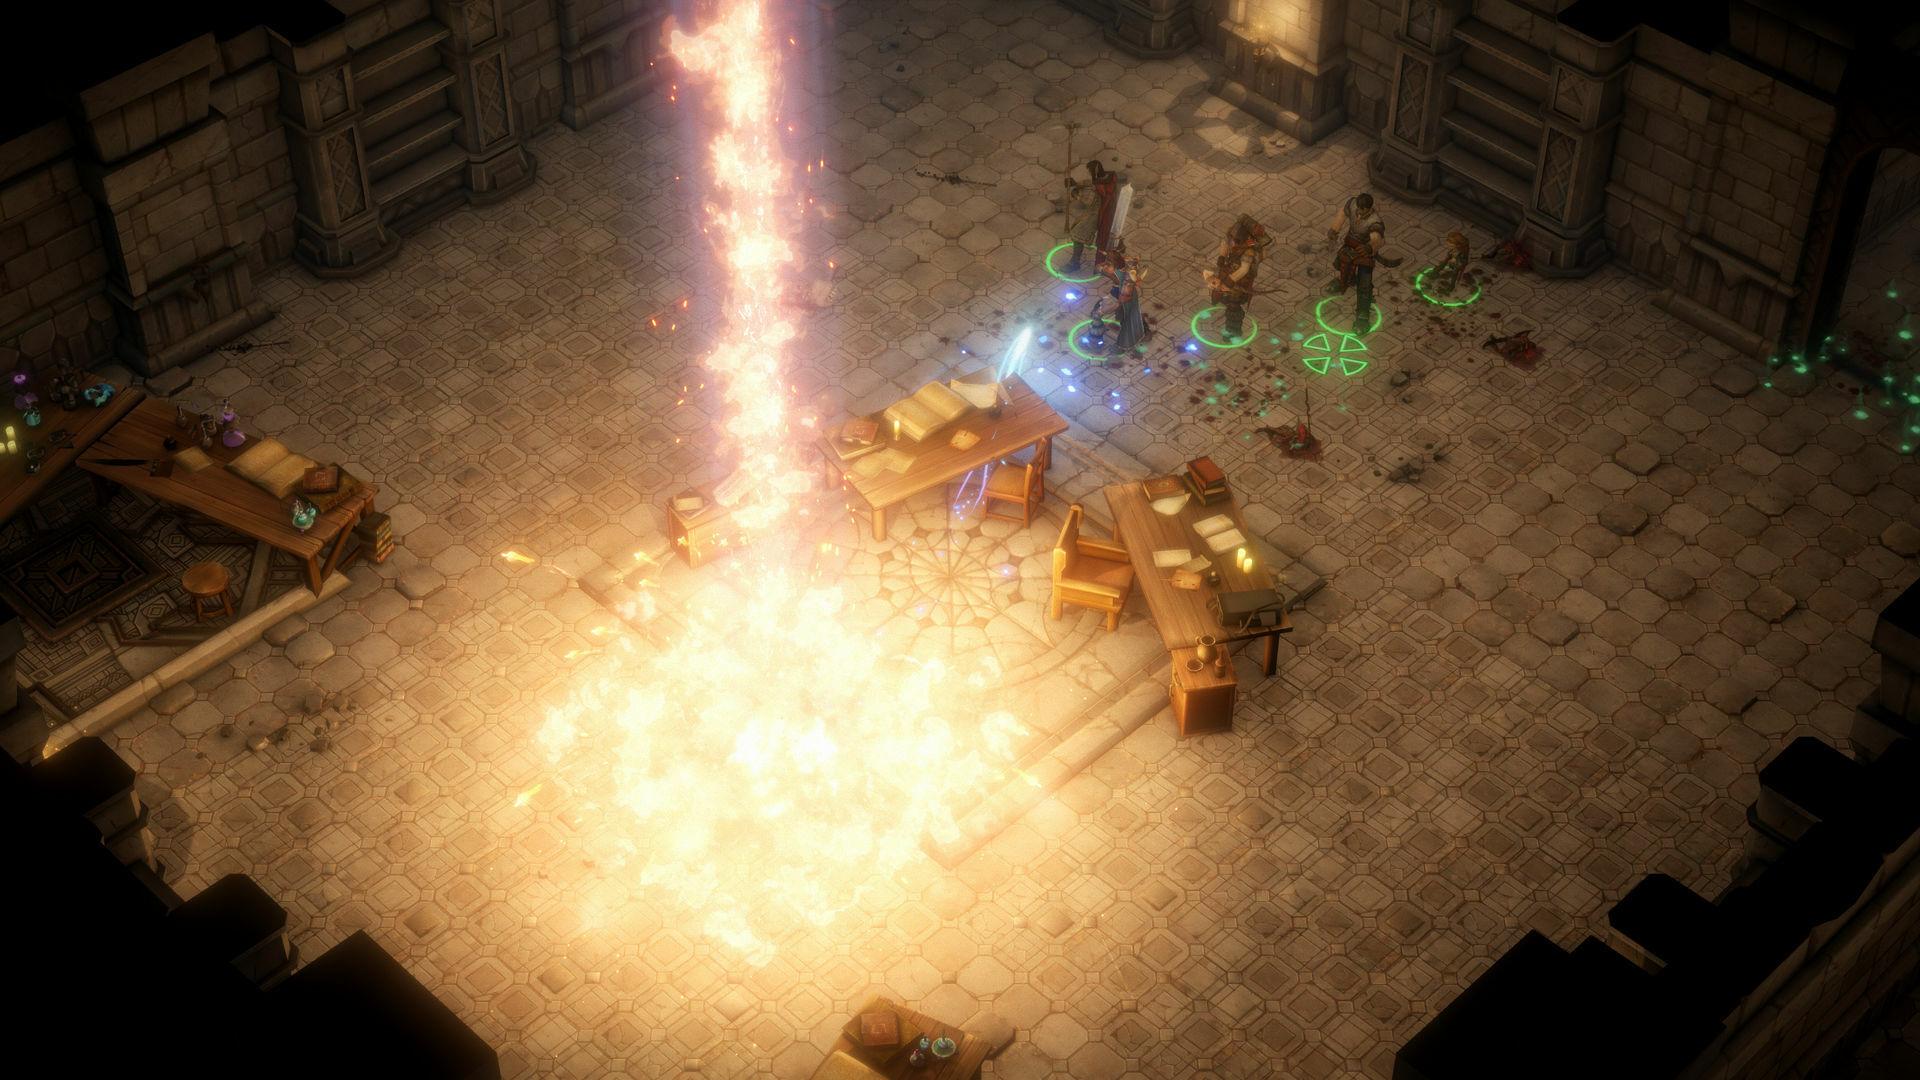 Pathfinder: kingmaker - beneath the stolen lands download free online